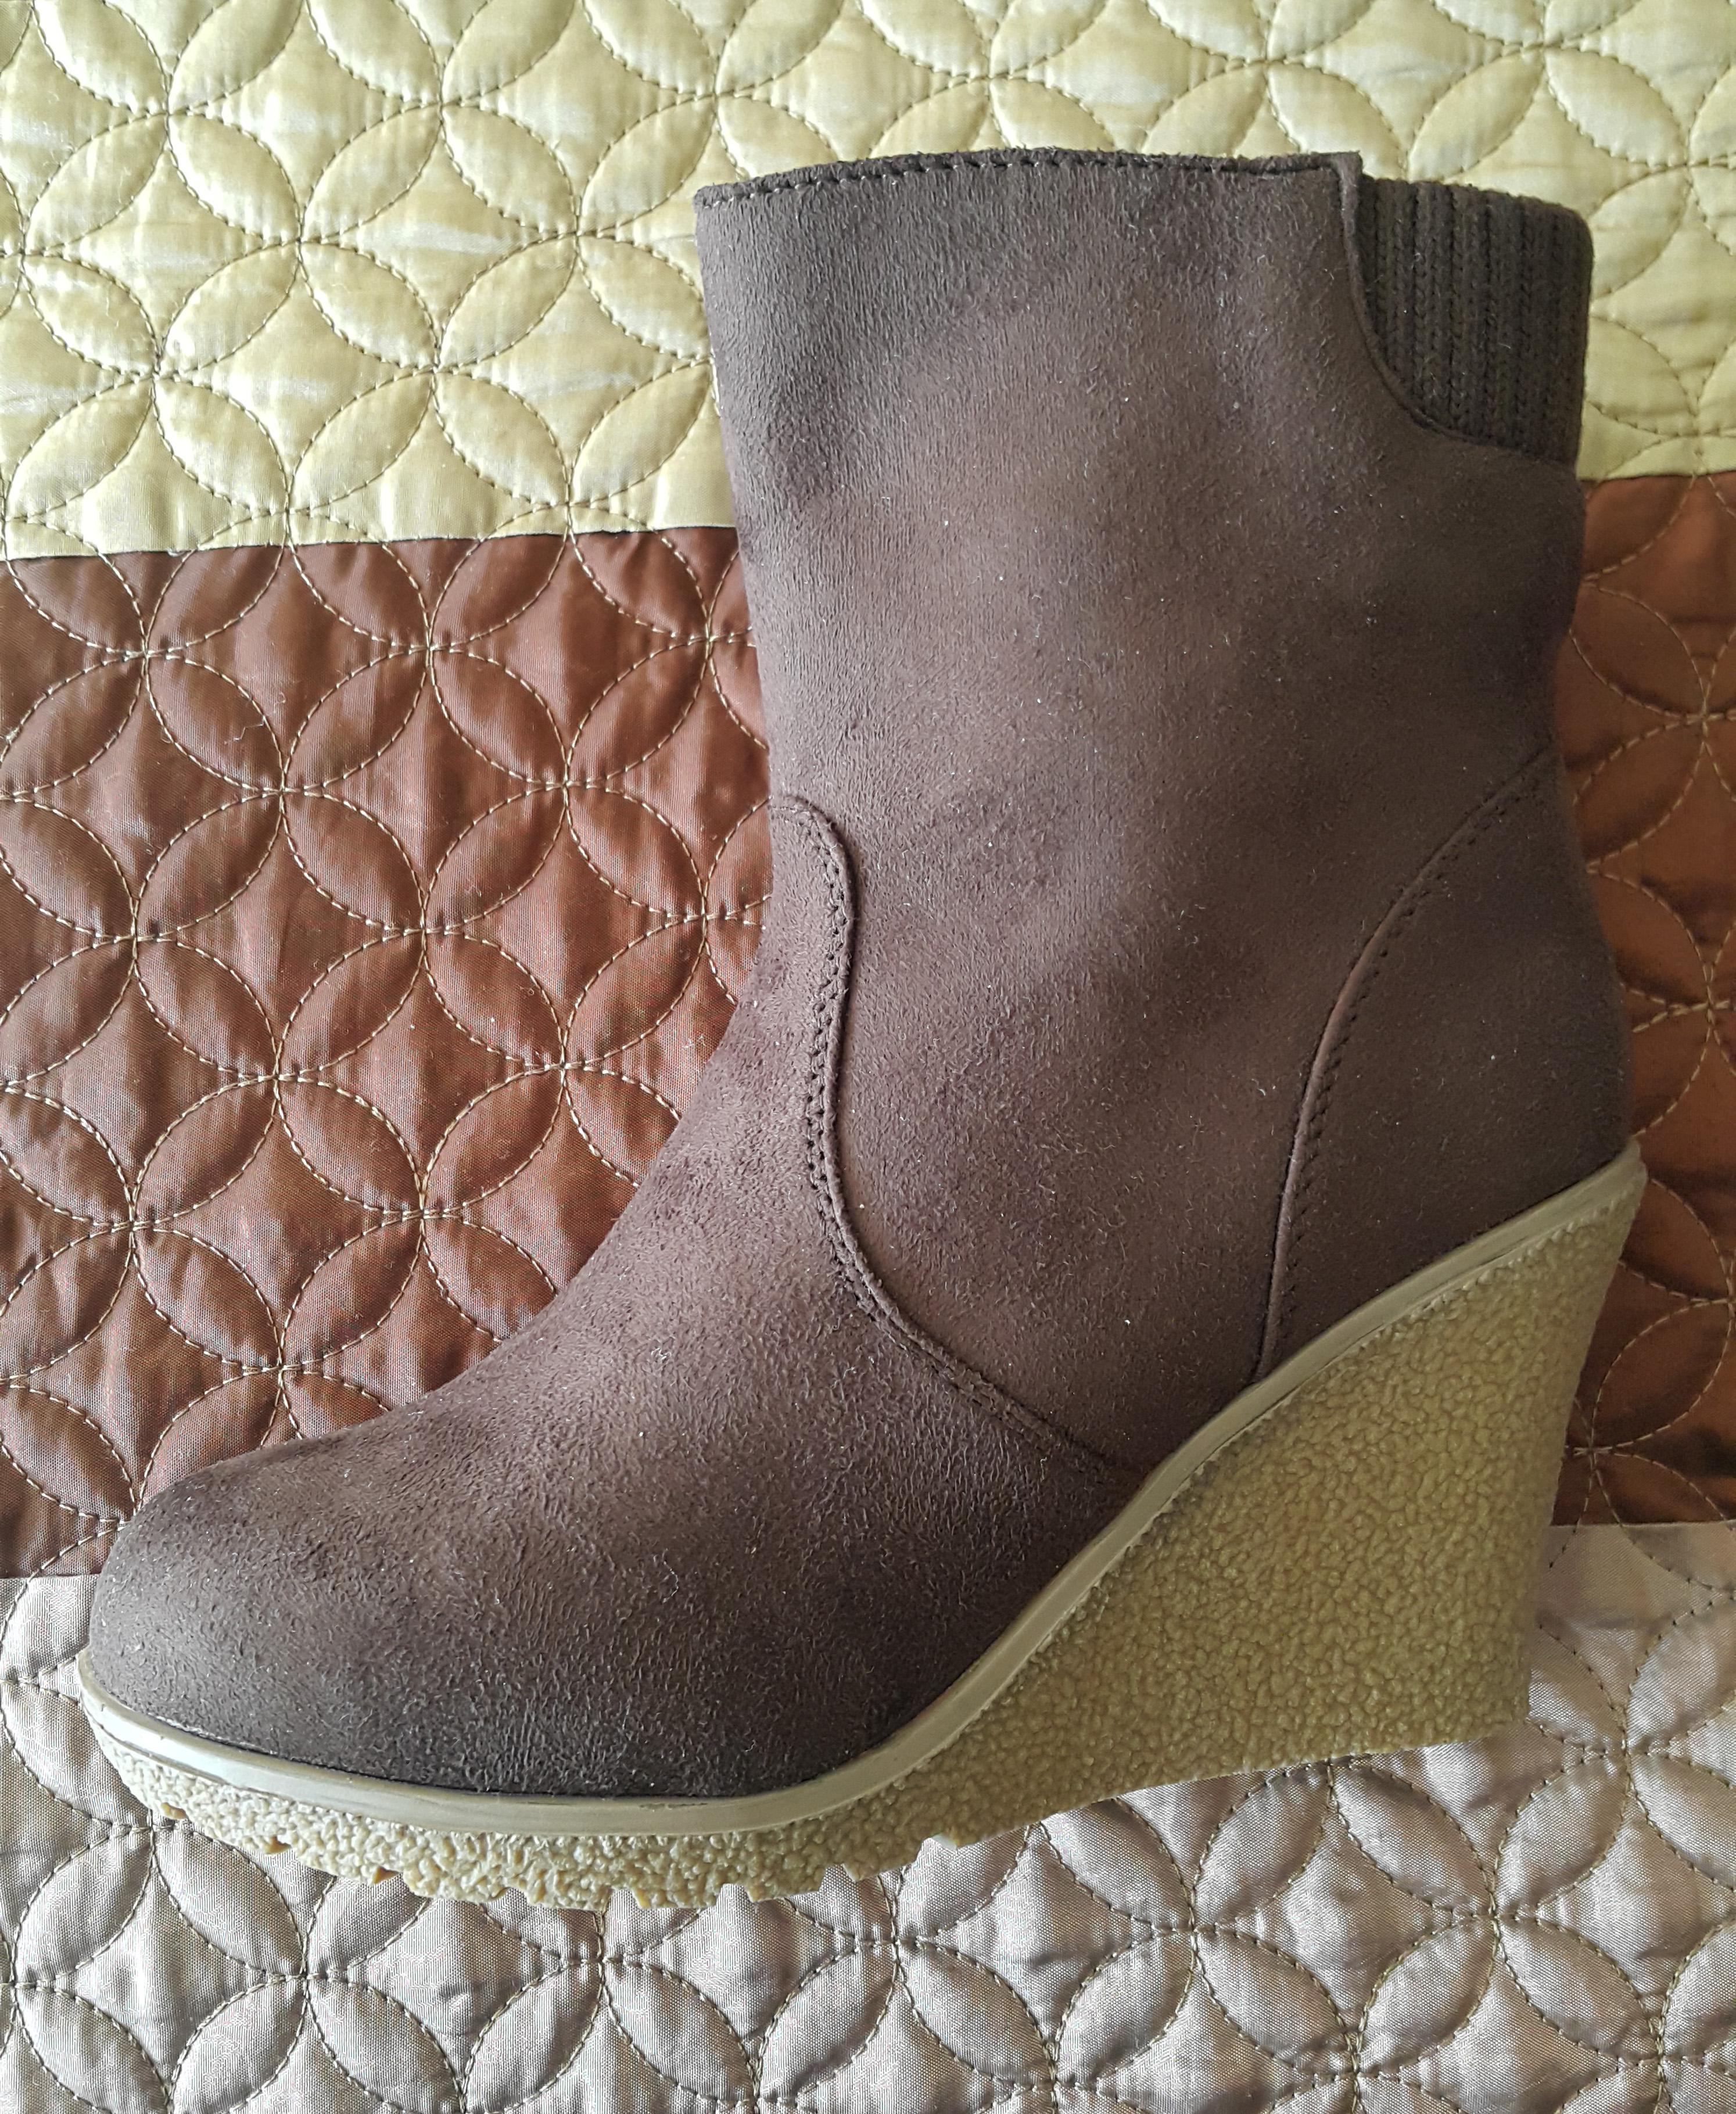 891ce01e Hermosas botas cortas, marca MARQUIS. Sin uso. Talla 35, con forro de  chiporro. Color café oscuro. Están en su embalaje original.